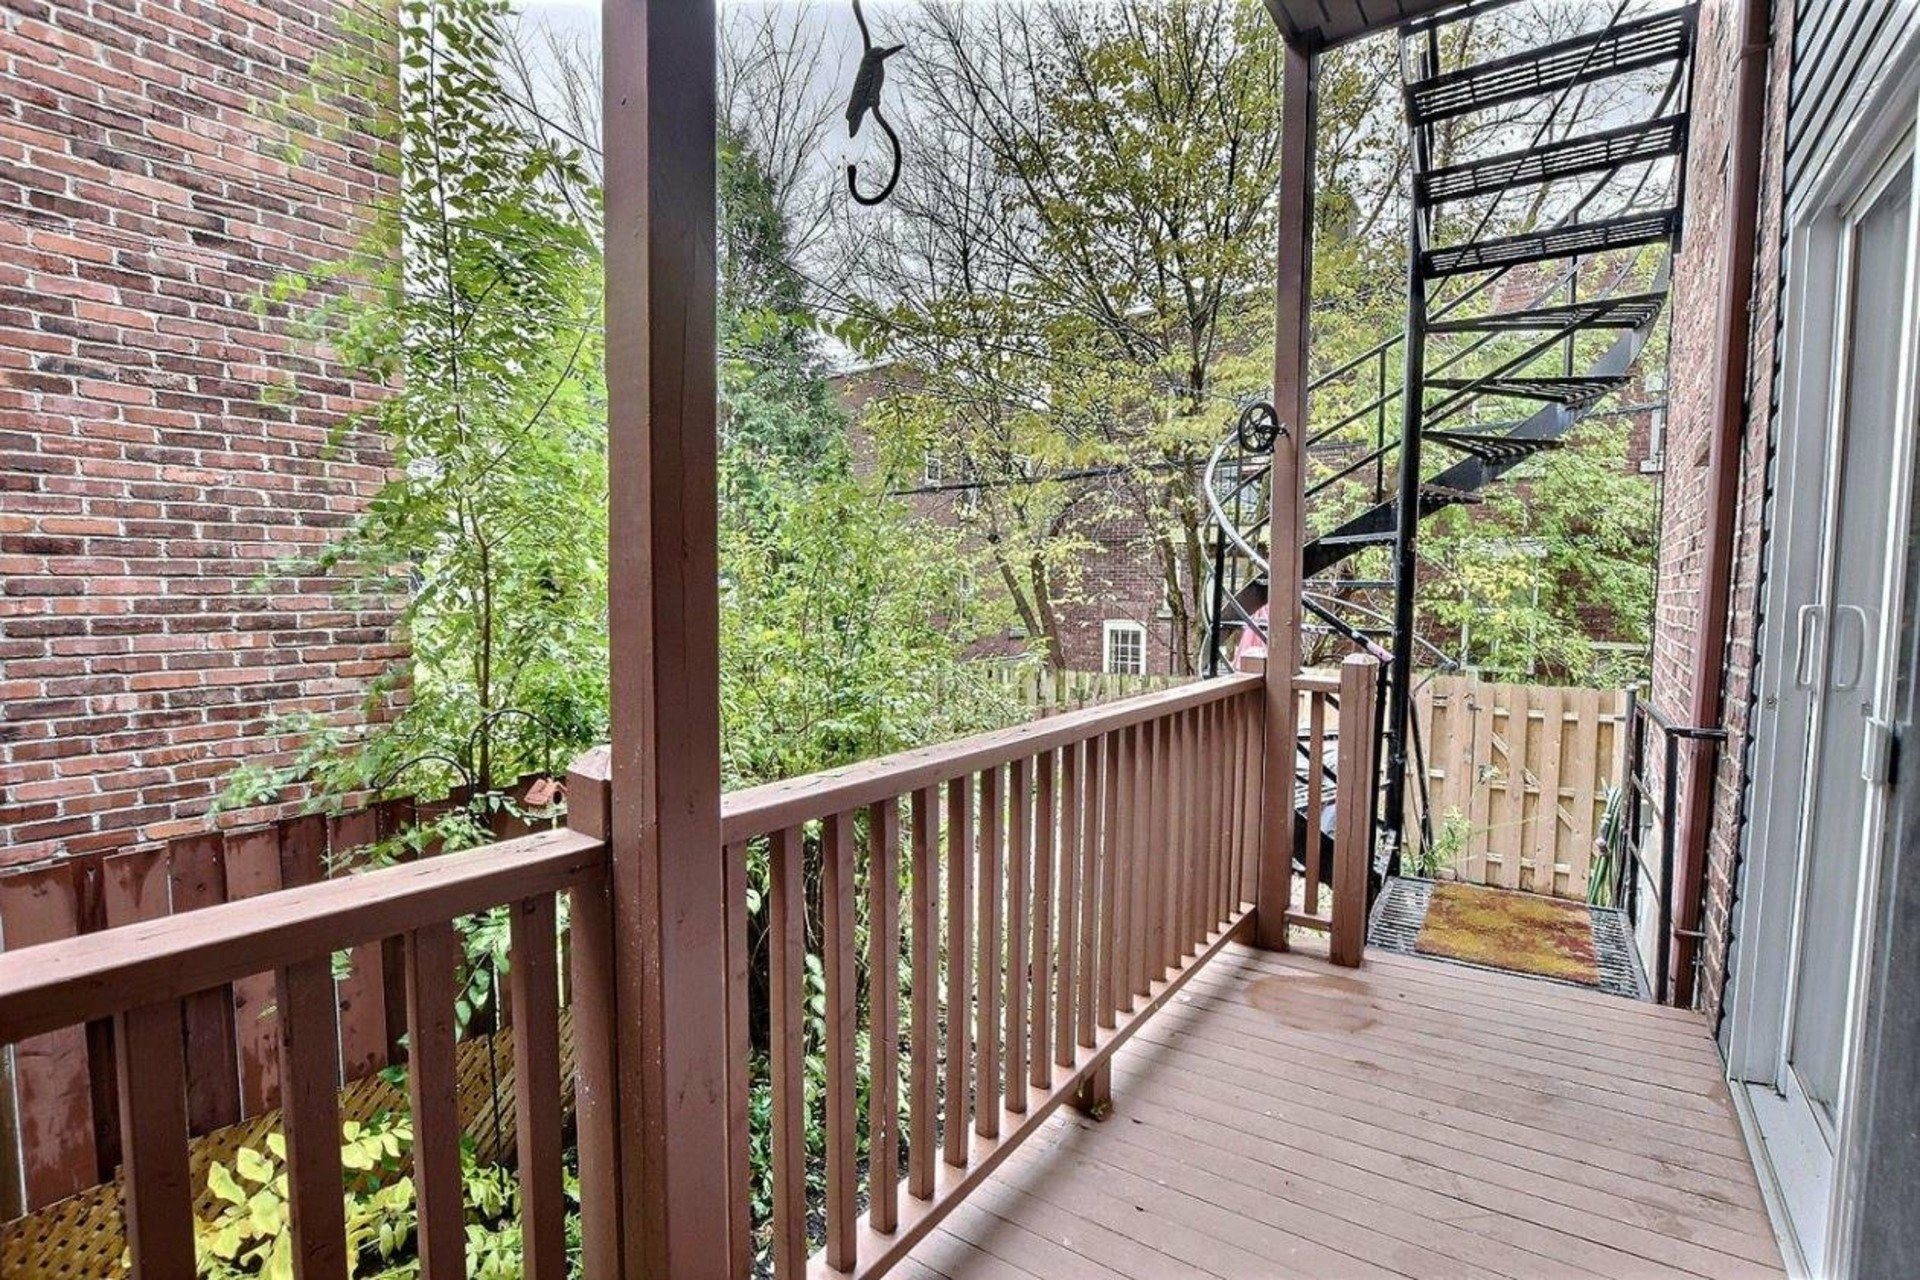 image 15 - Apartment For rent Côte-des-Neiges/Notre-Dame-de-Grâce Montréal  - 6 rooms